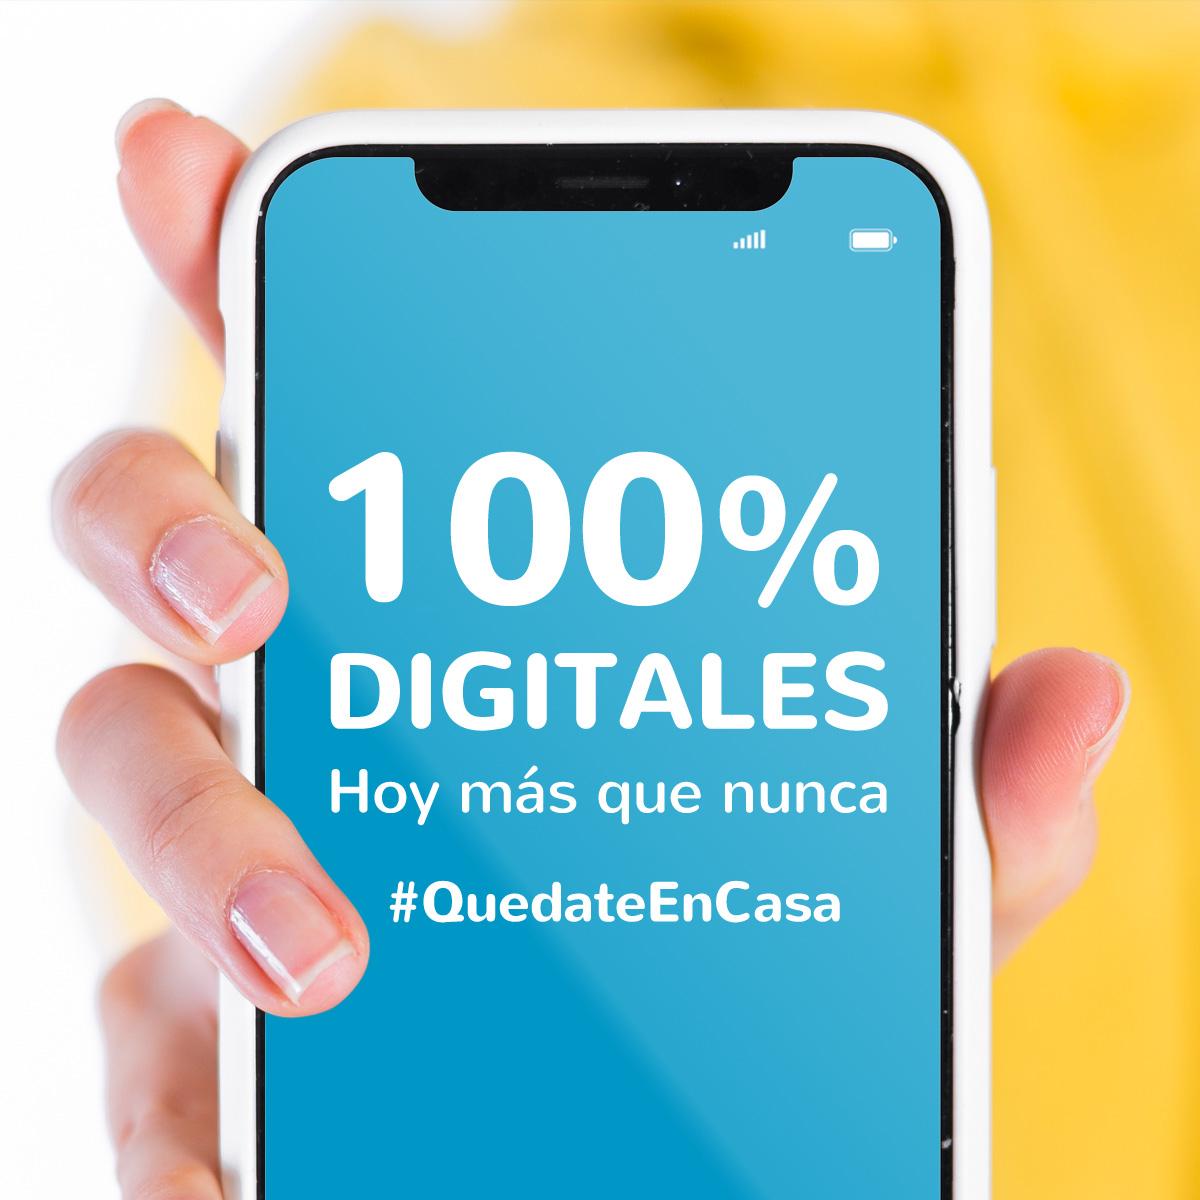 100% digitales